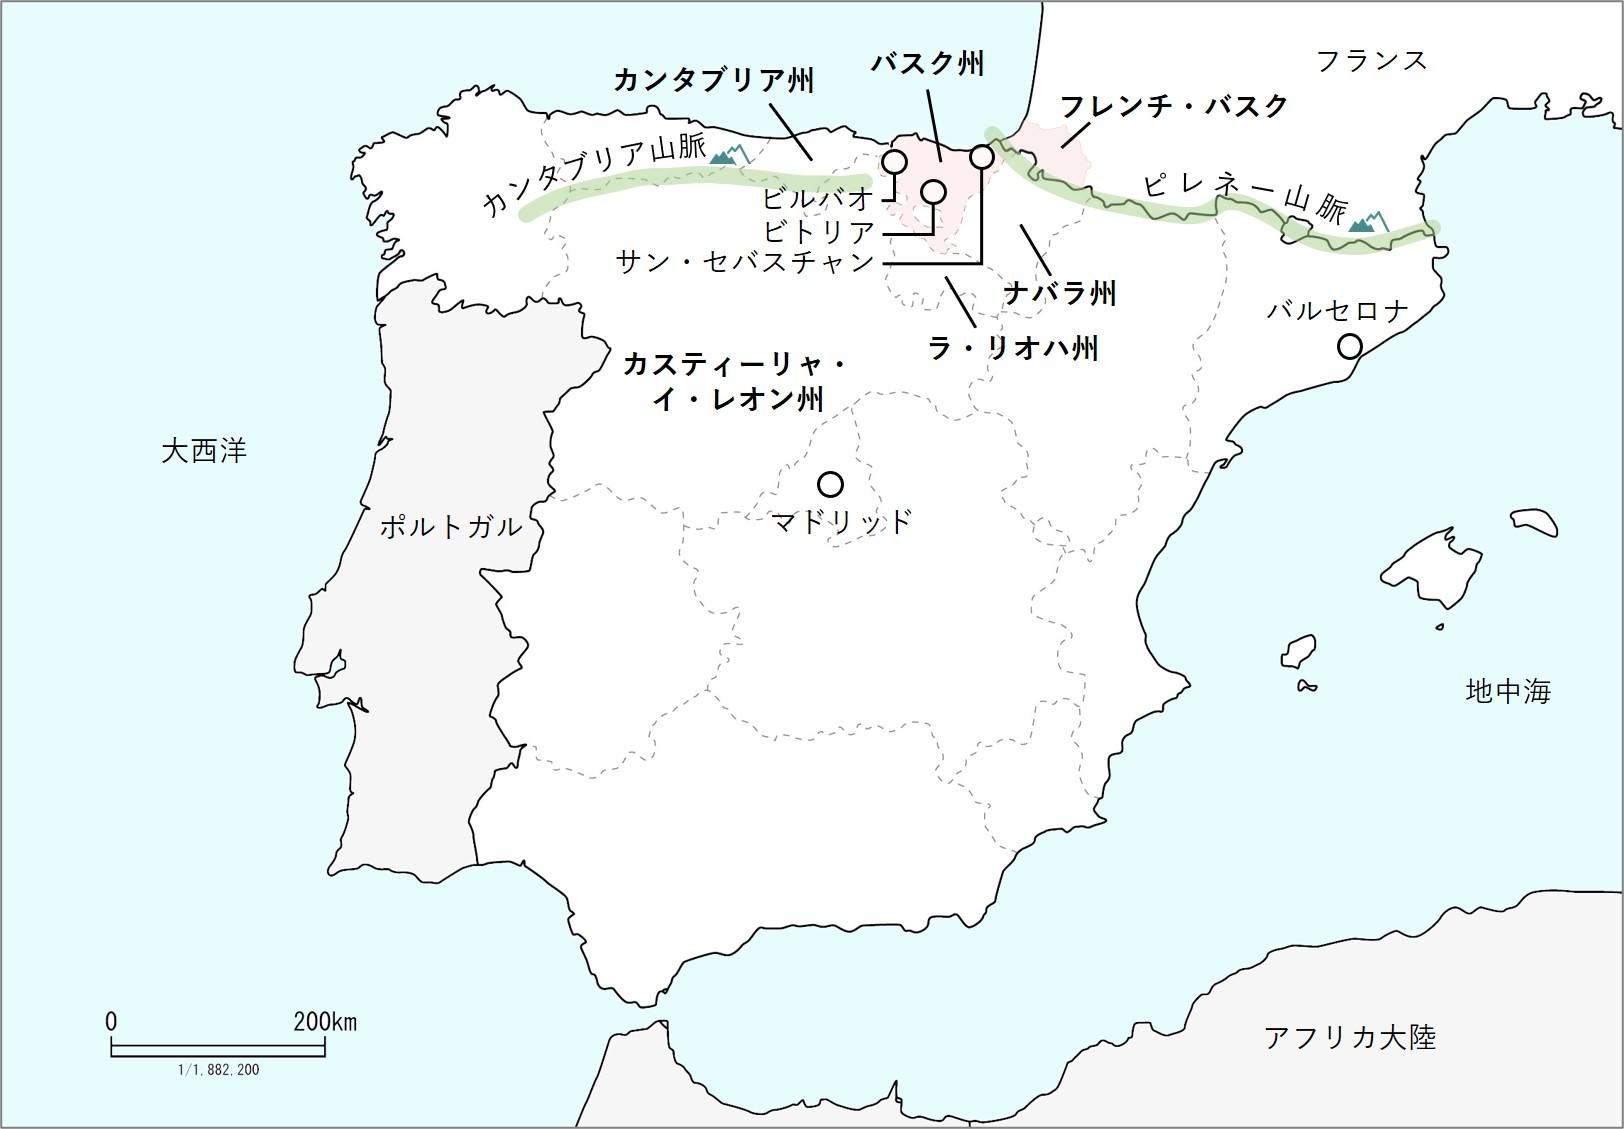 バスクの地図